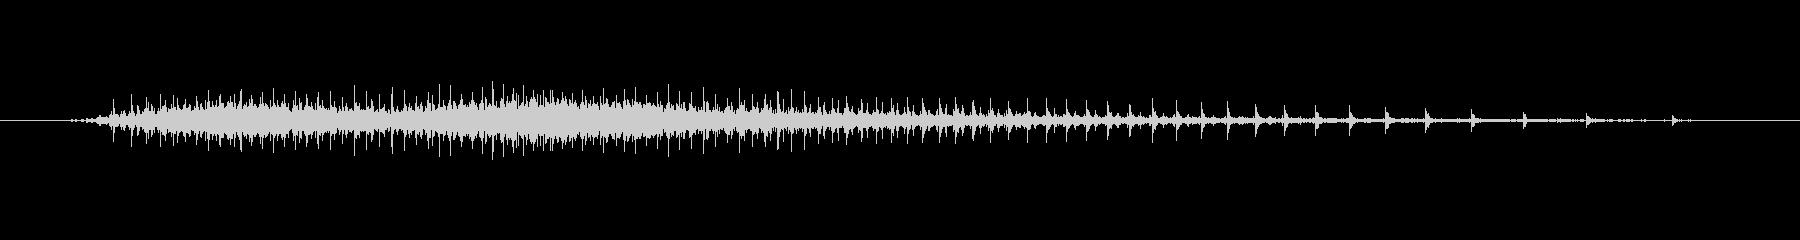 工業 ロックドリルチゼルバースト改訂06の未再生の波形